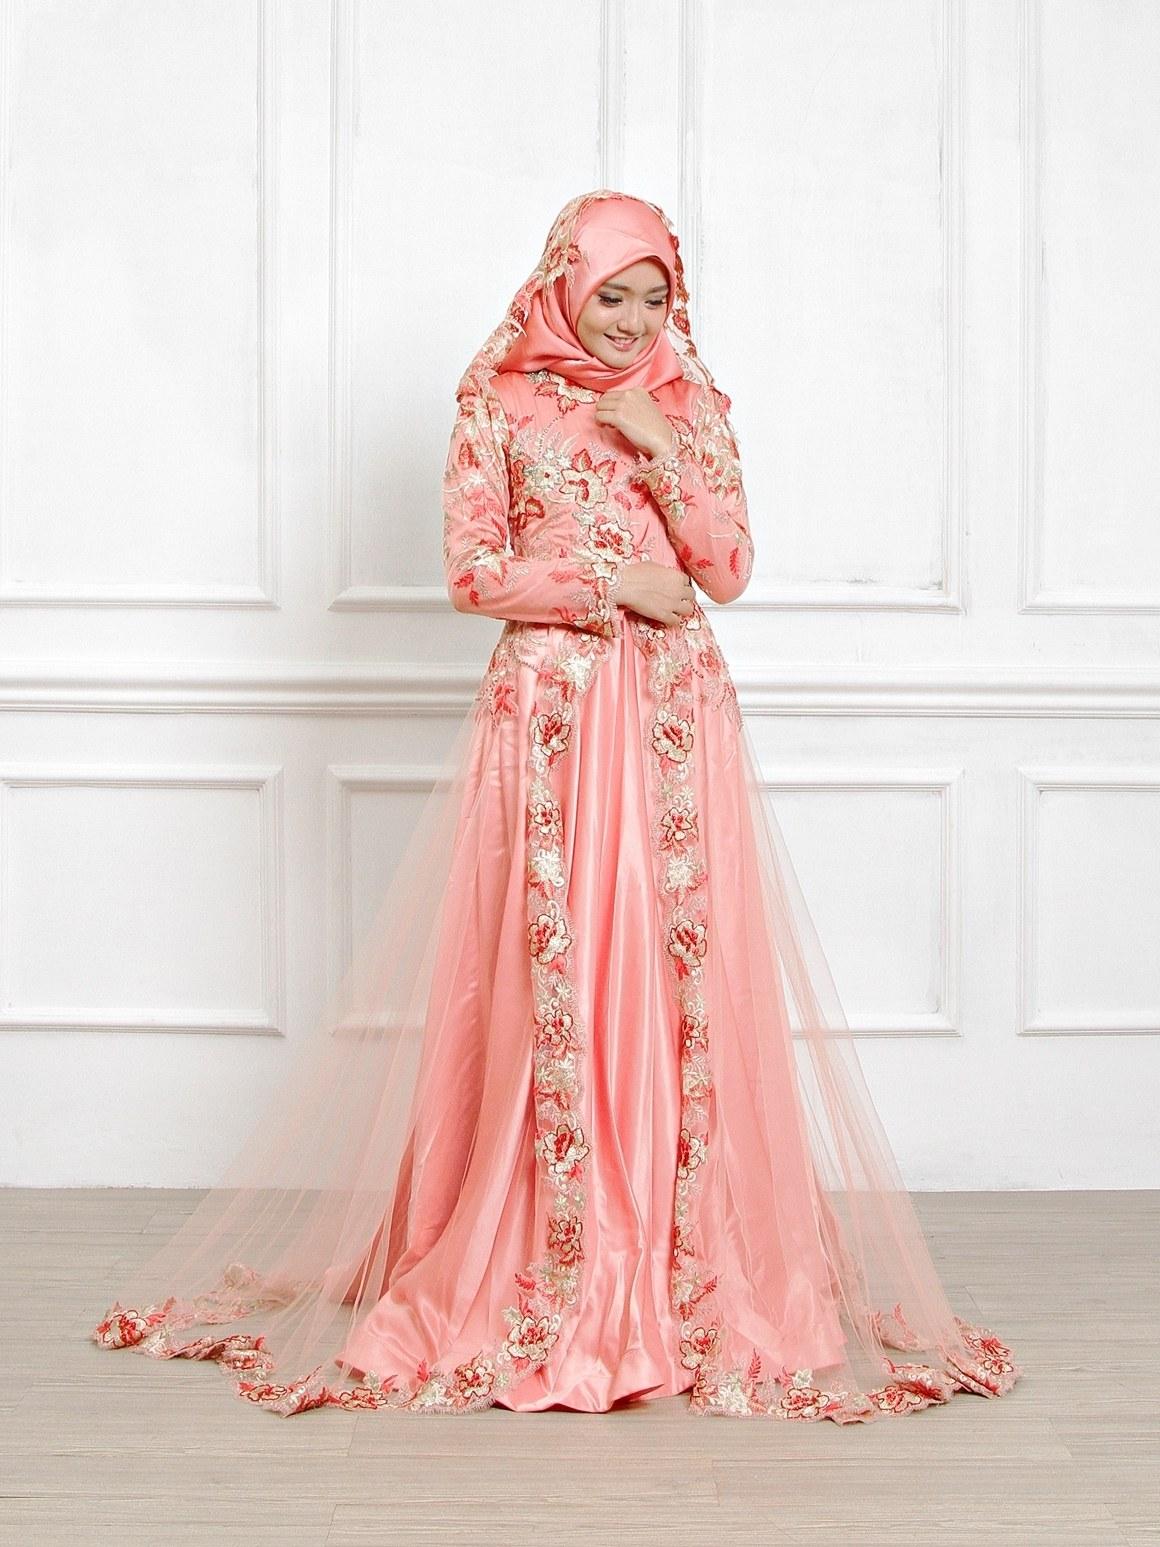 Bentuk Sewa Gaun Pengantin Muslimah Jogja S1du Sewa Perdana Baju Pengantin Muslimah Jogja Gaun Pengantin